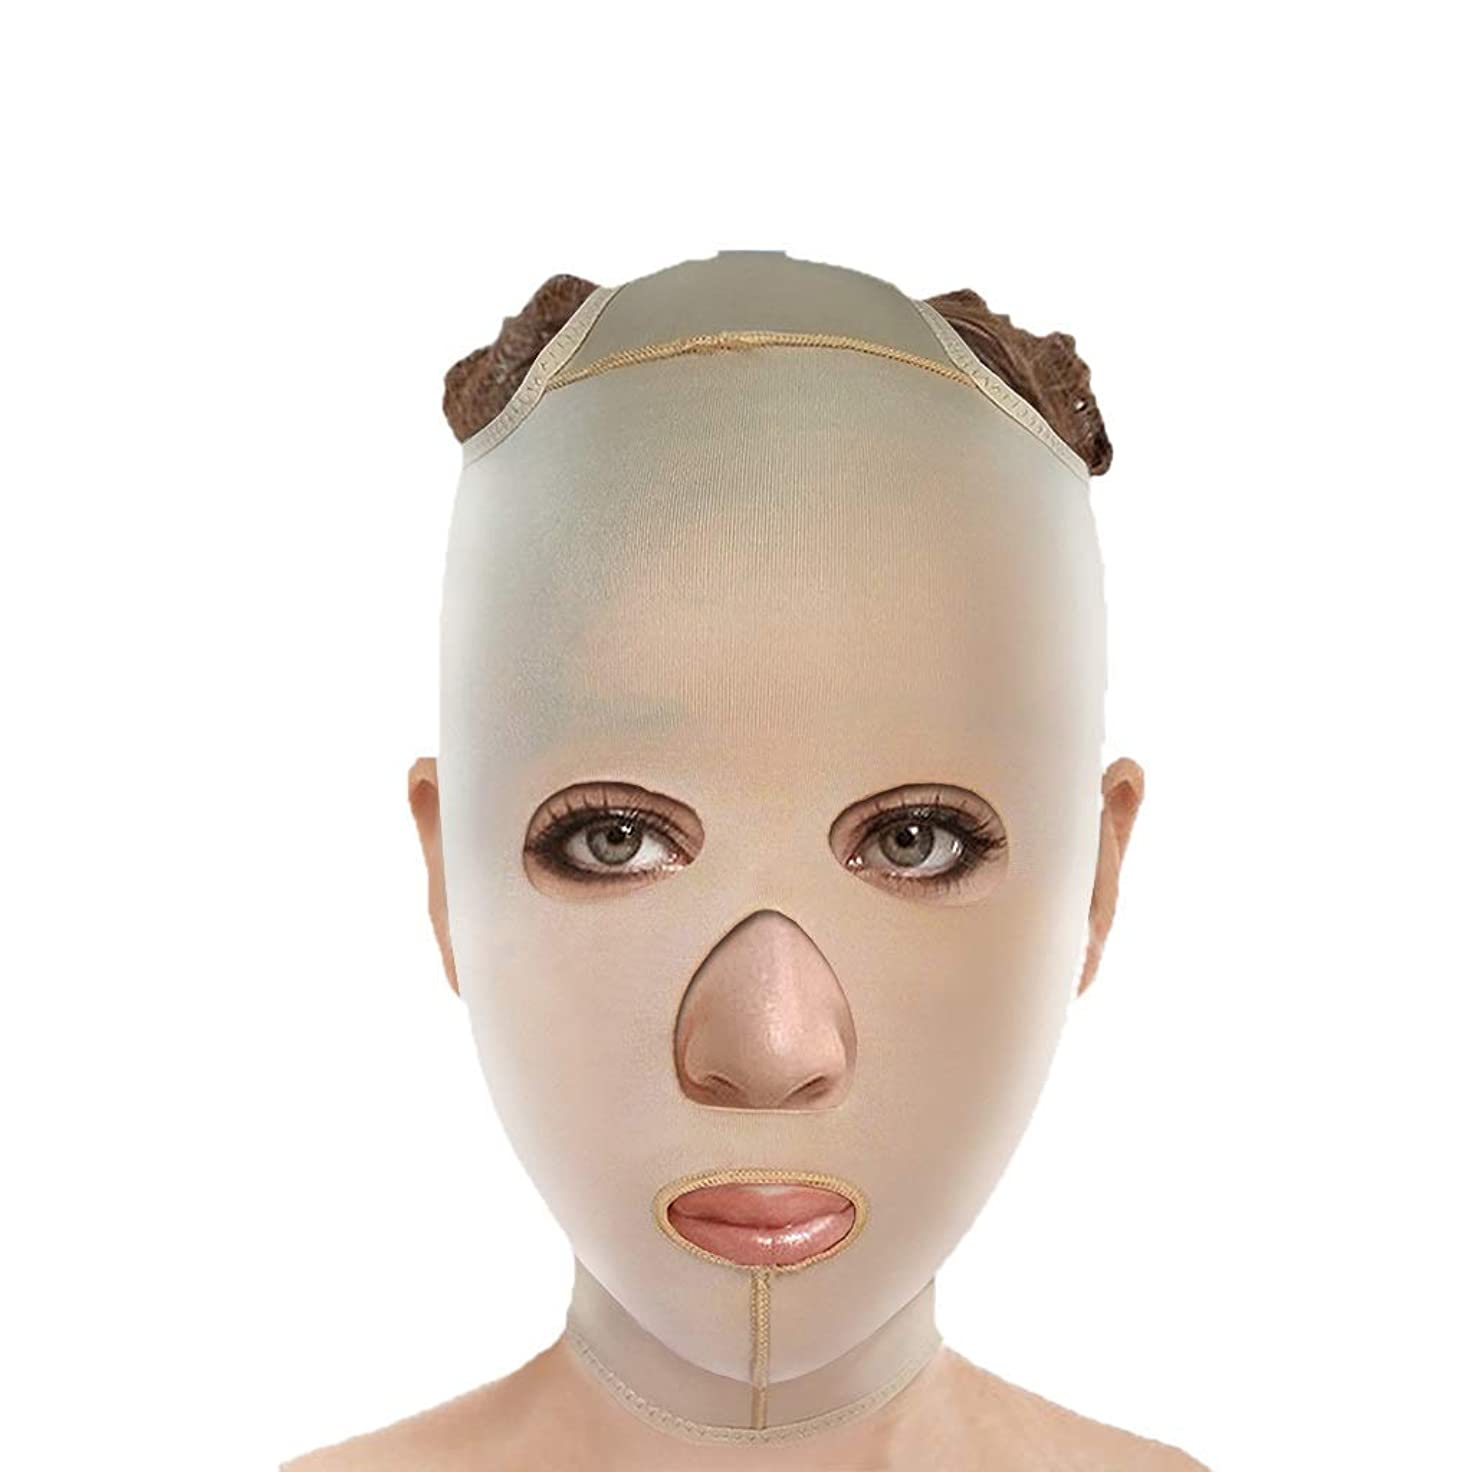 ちょうつがいハイランドバランスチンストラップ、フェイスリフティング、アンチエイジングフェイシャル包帯、フェイシャル減量マスク、ファーミングマスク、フェイシャルリフティングアーティファクト(サイズ:S),M